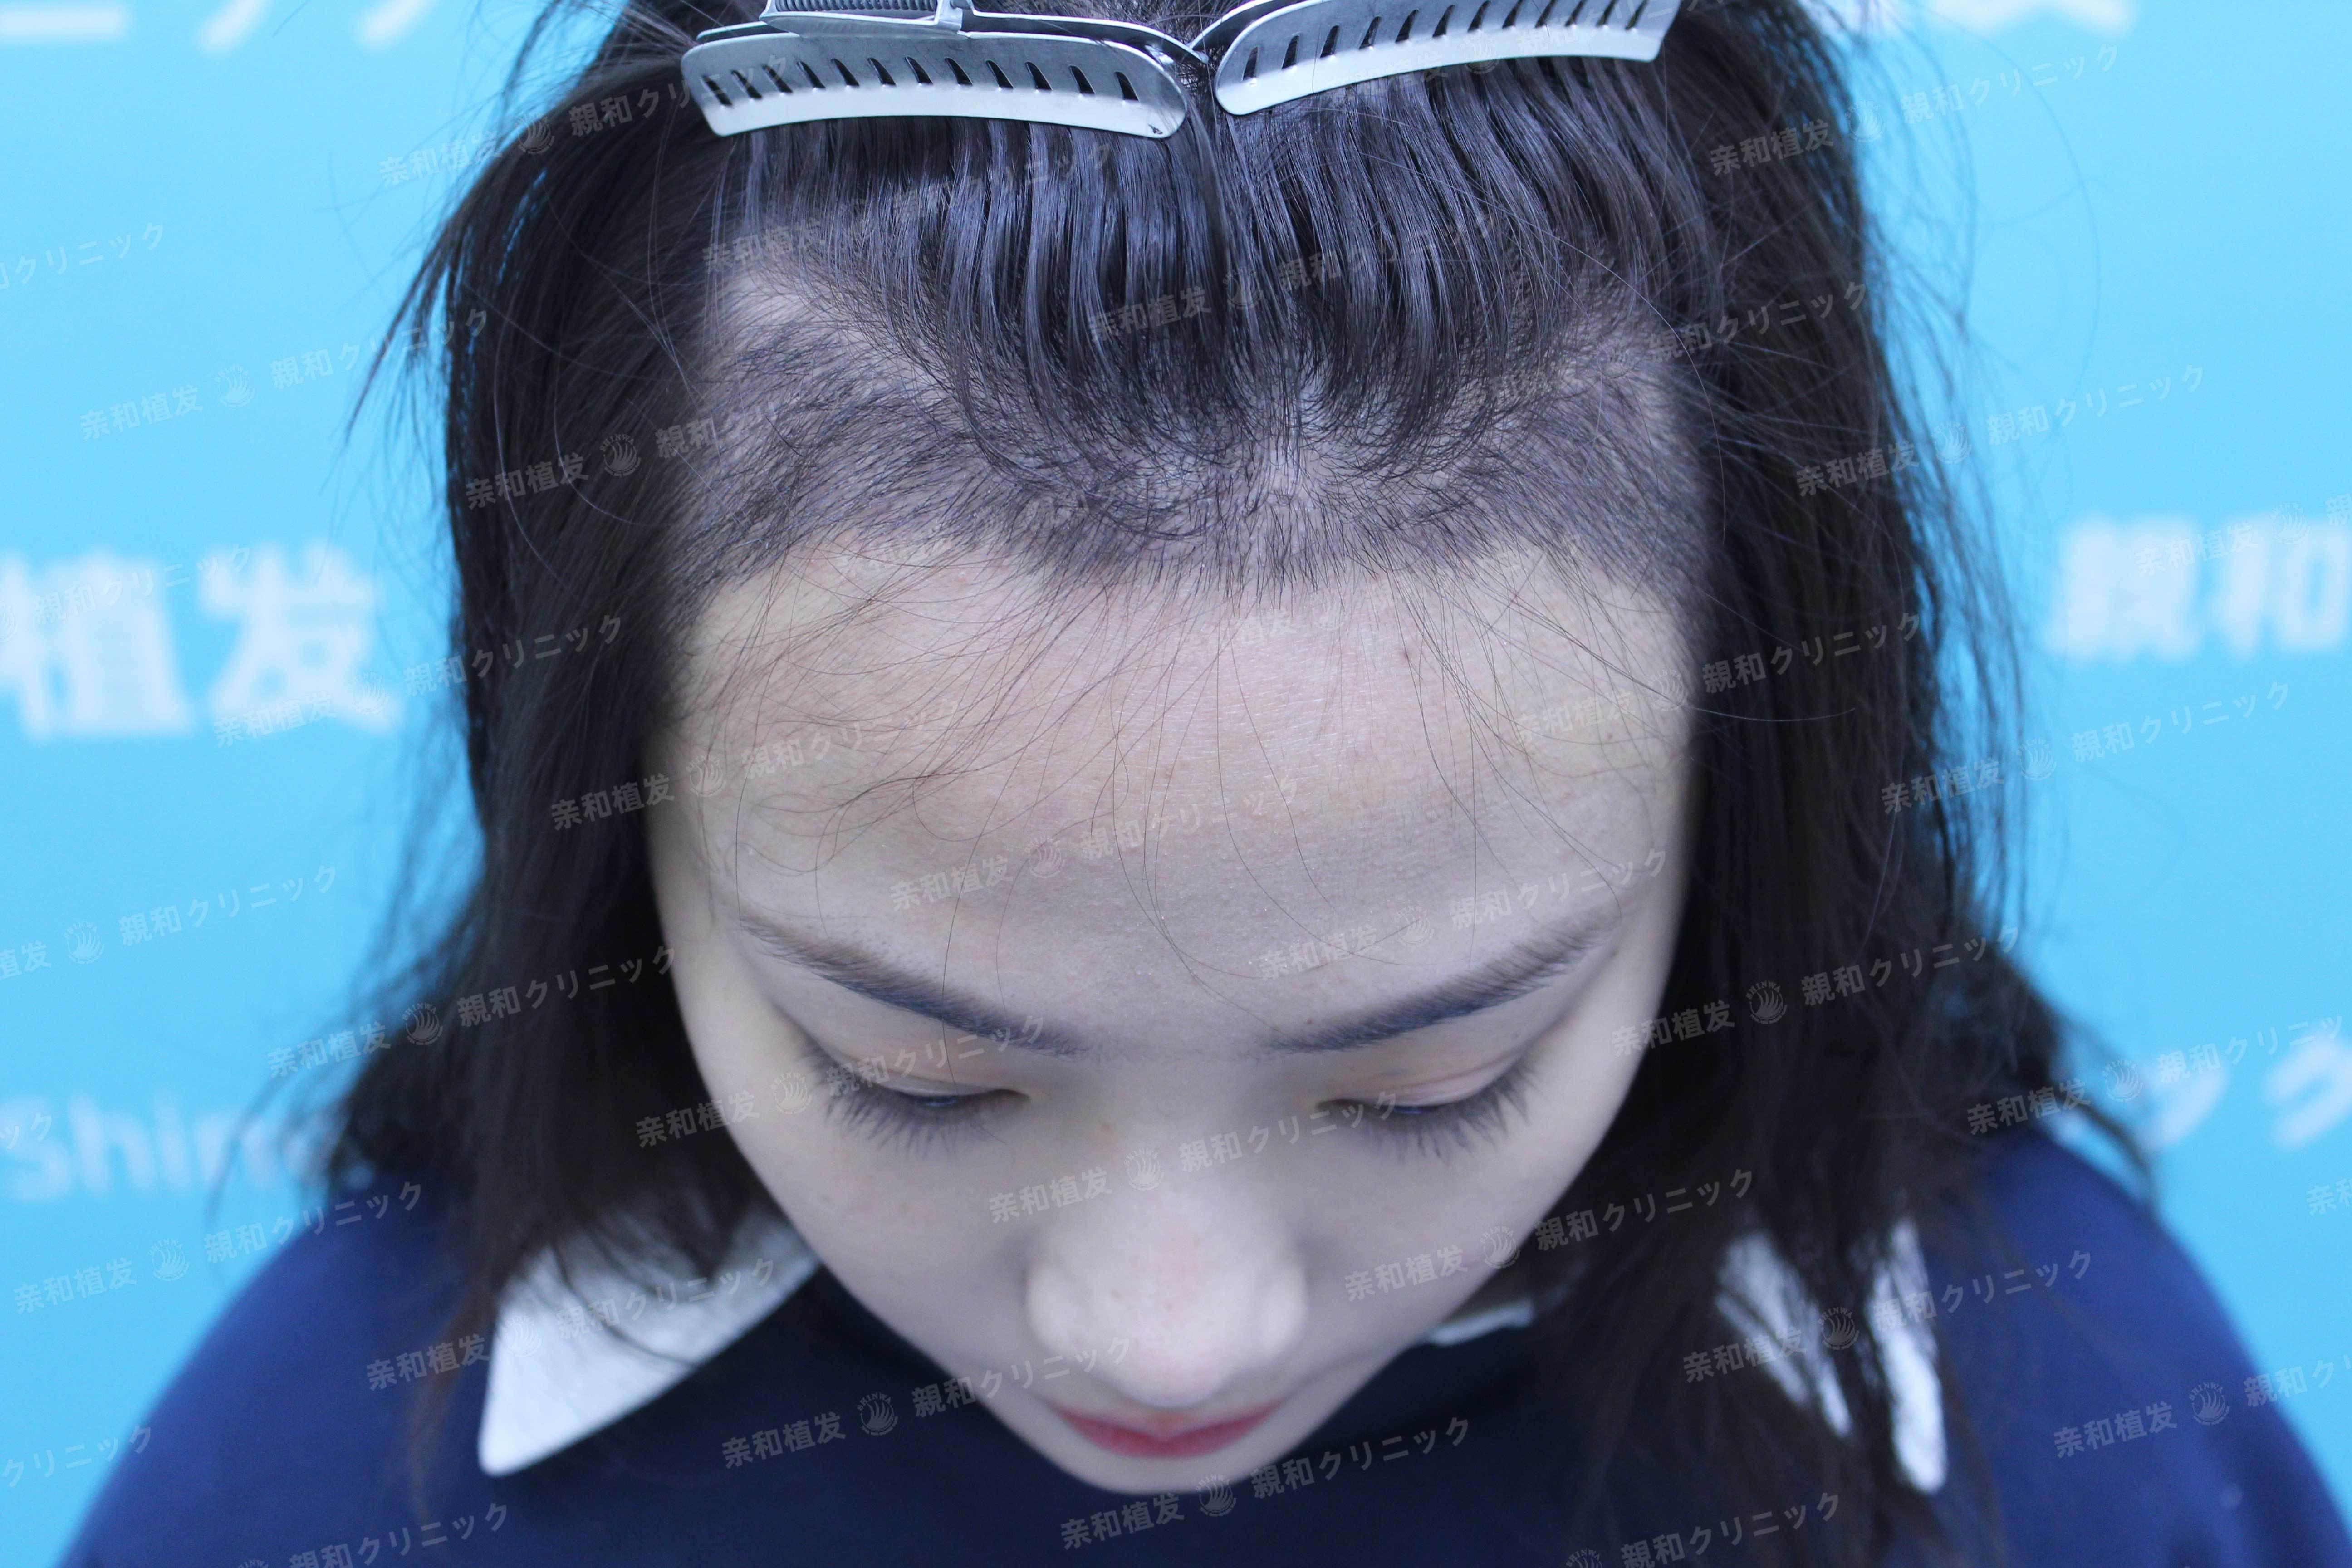 发际线调整 项目分类:植发养发 植发 种植发际线